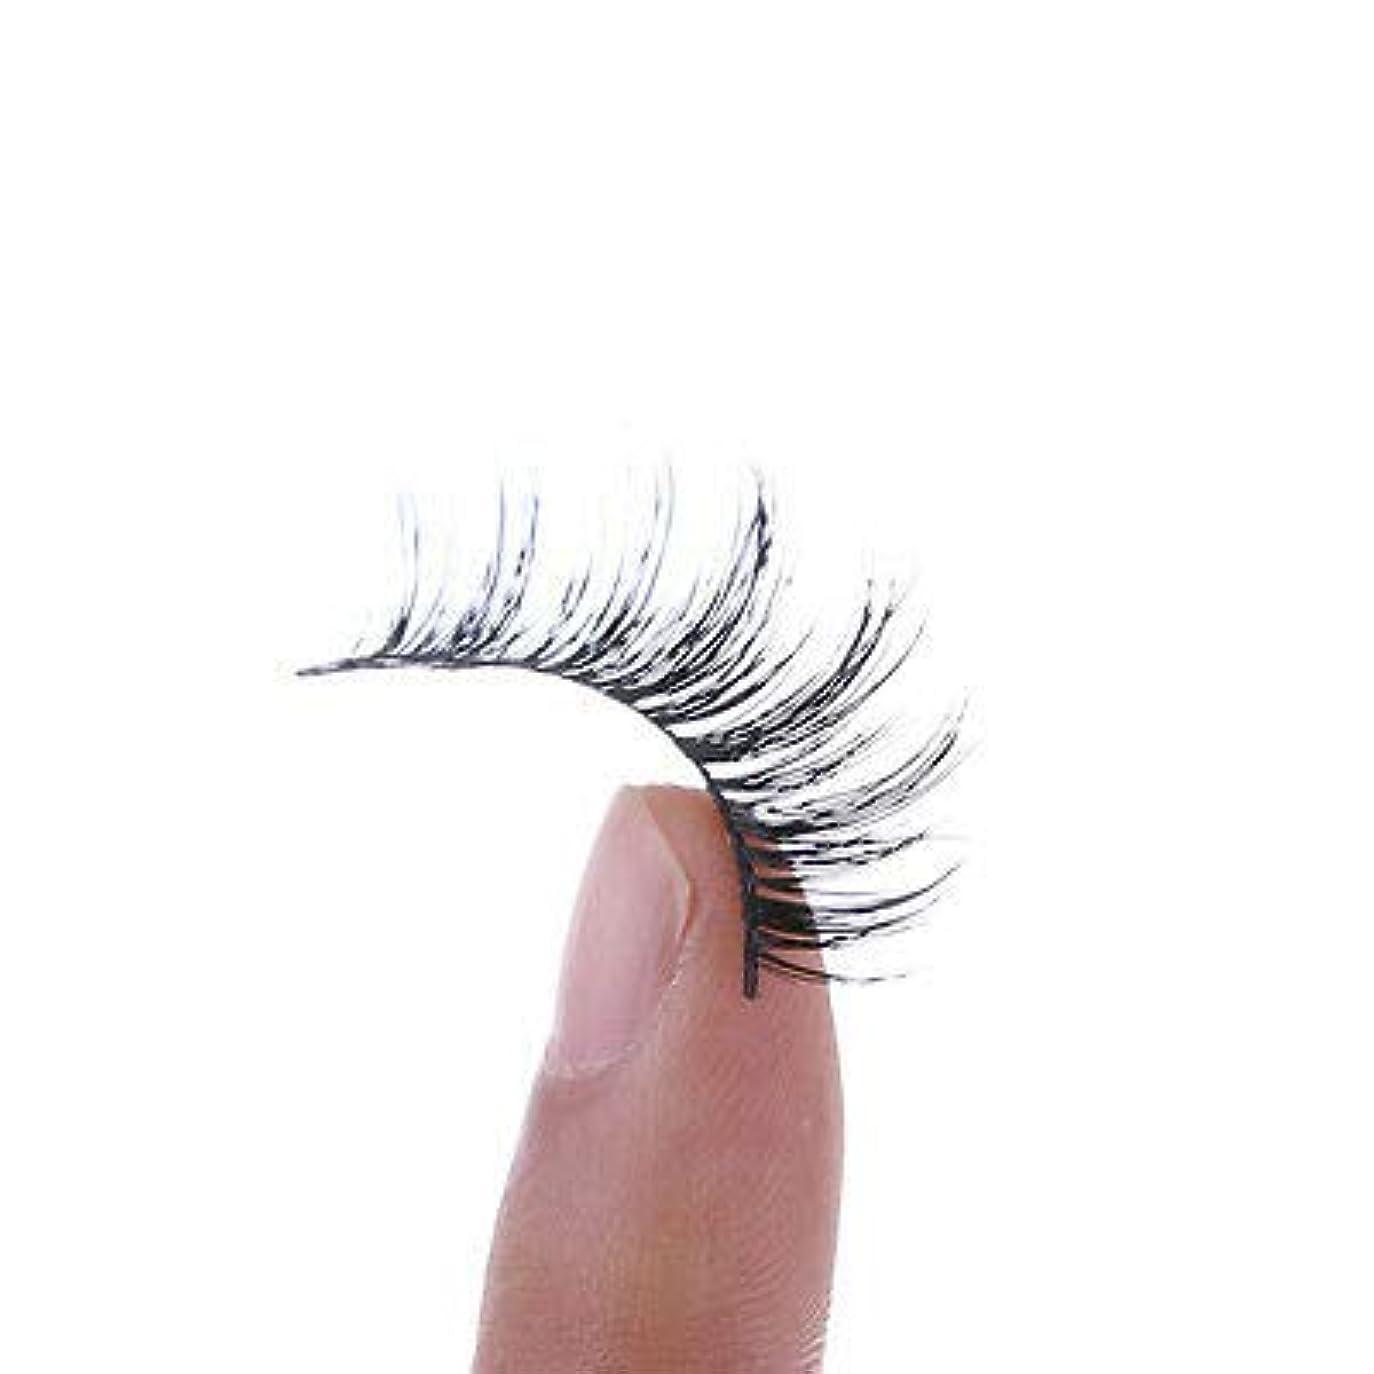 分子怒って起訴するFidgetGear 1ペアクロス手作りつけまつげまつげエクステンション100%リアルミンク髪